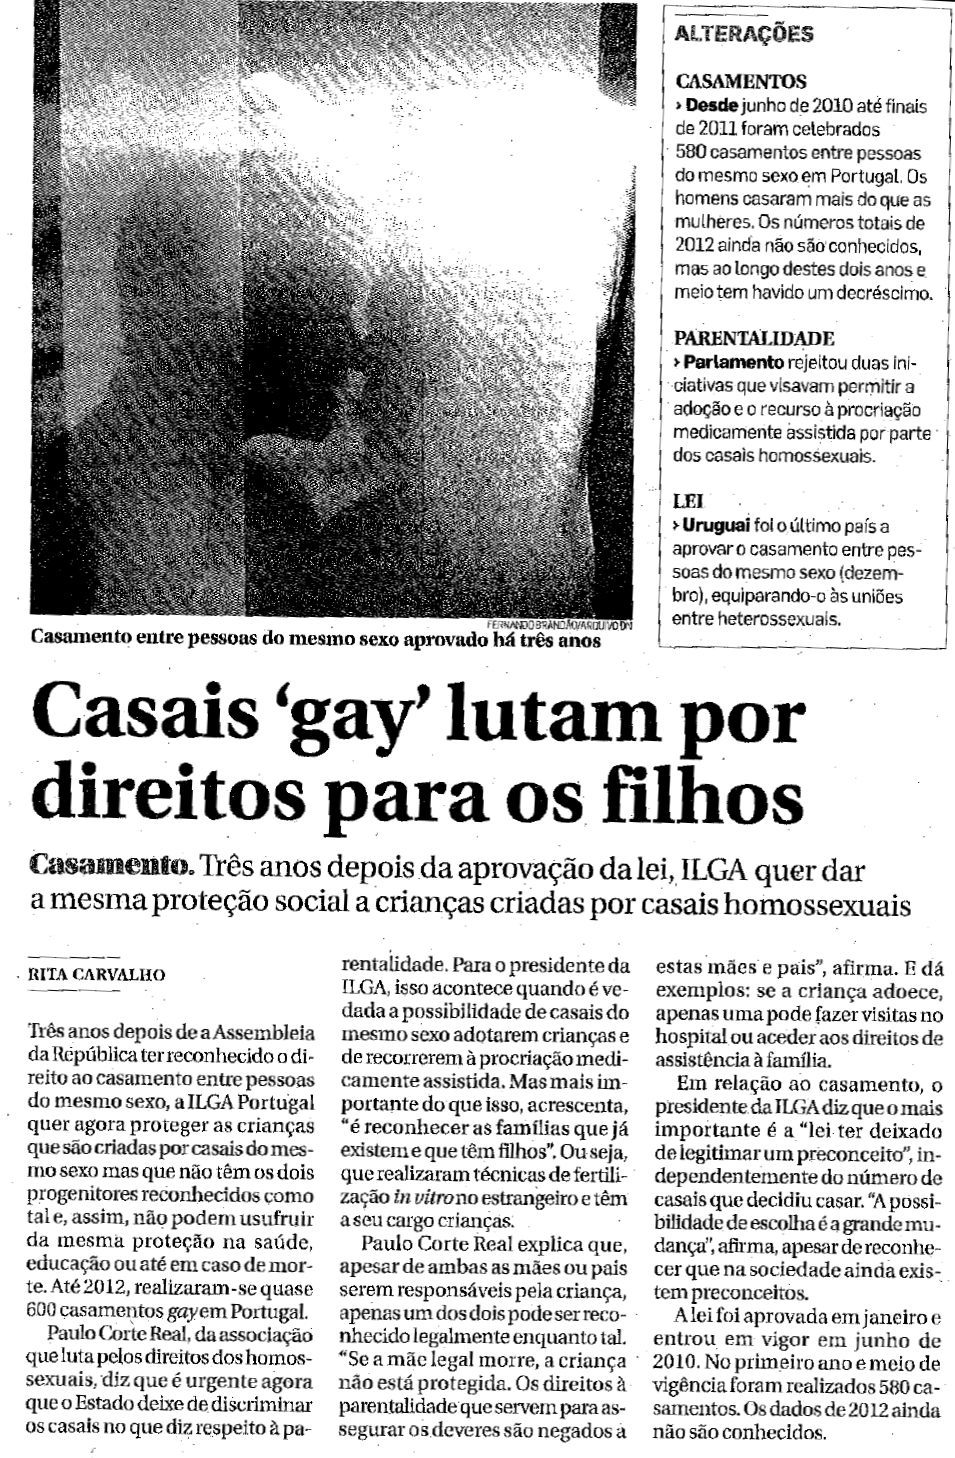 Casais 'gay' lutam por direitos para os filhos - Três anos depois da aprovação da lei, ILGA quer dar a mesma proteção social a crianças criadas por casais homossexuais